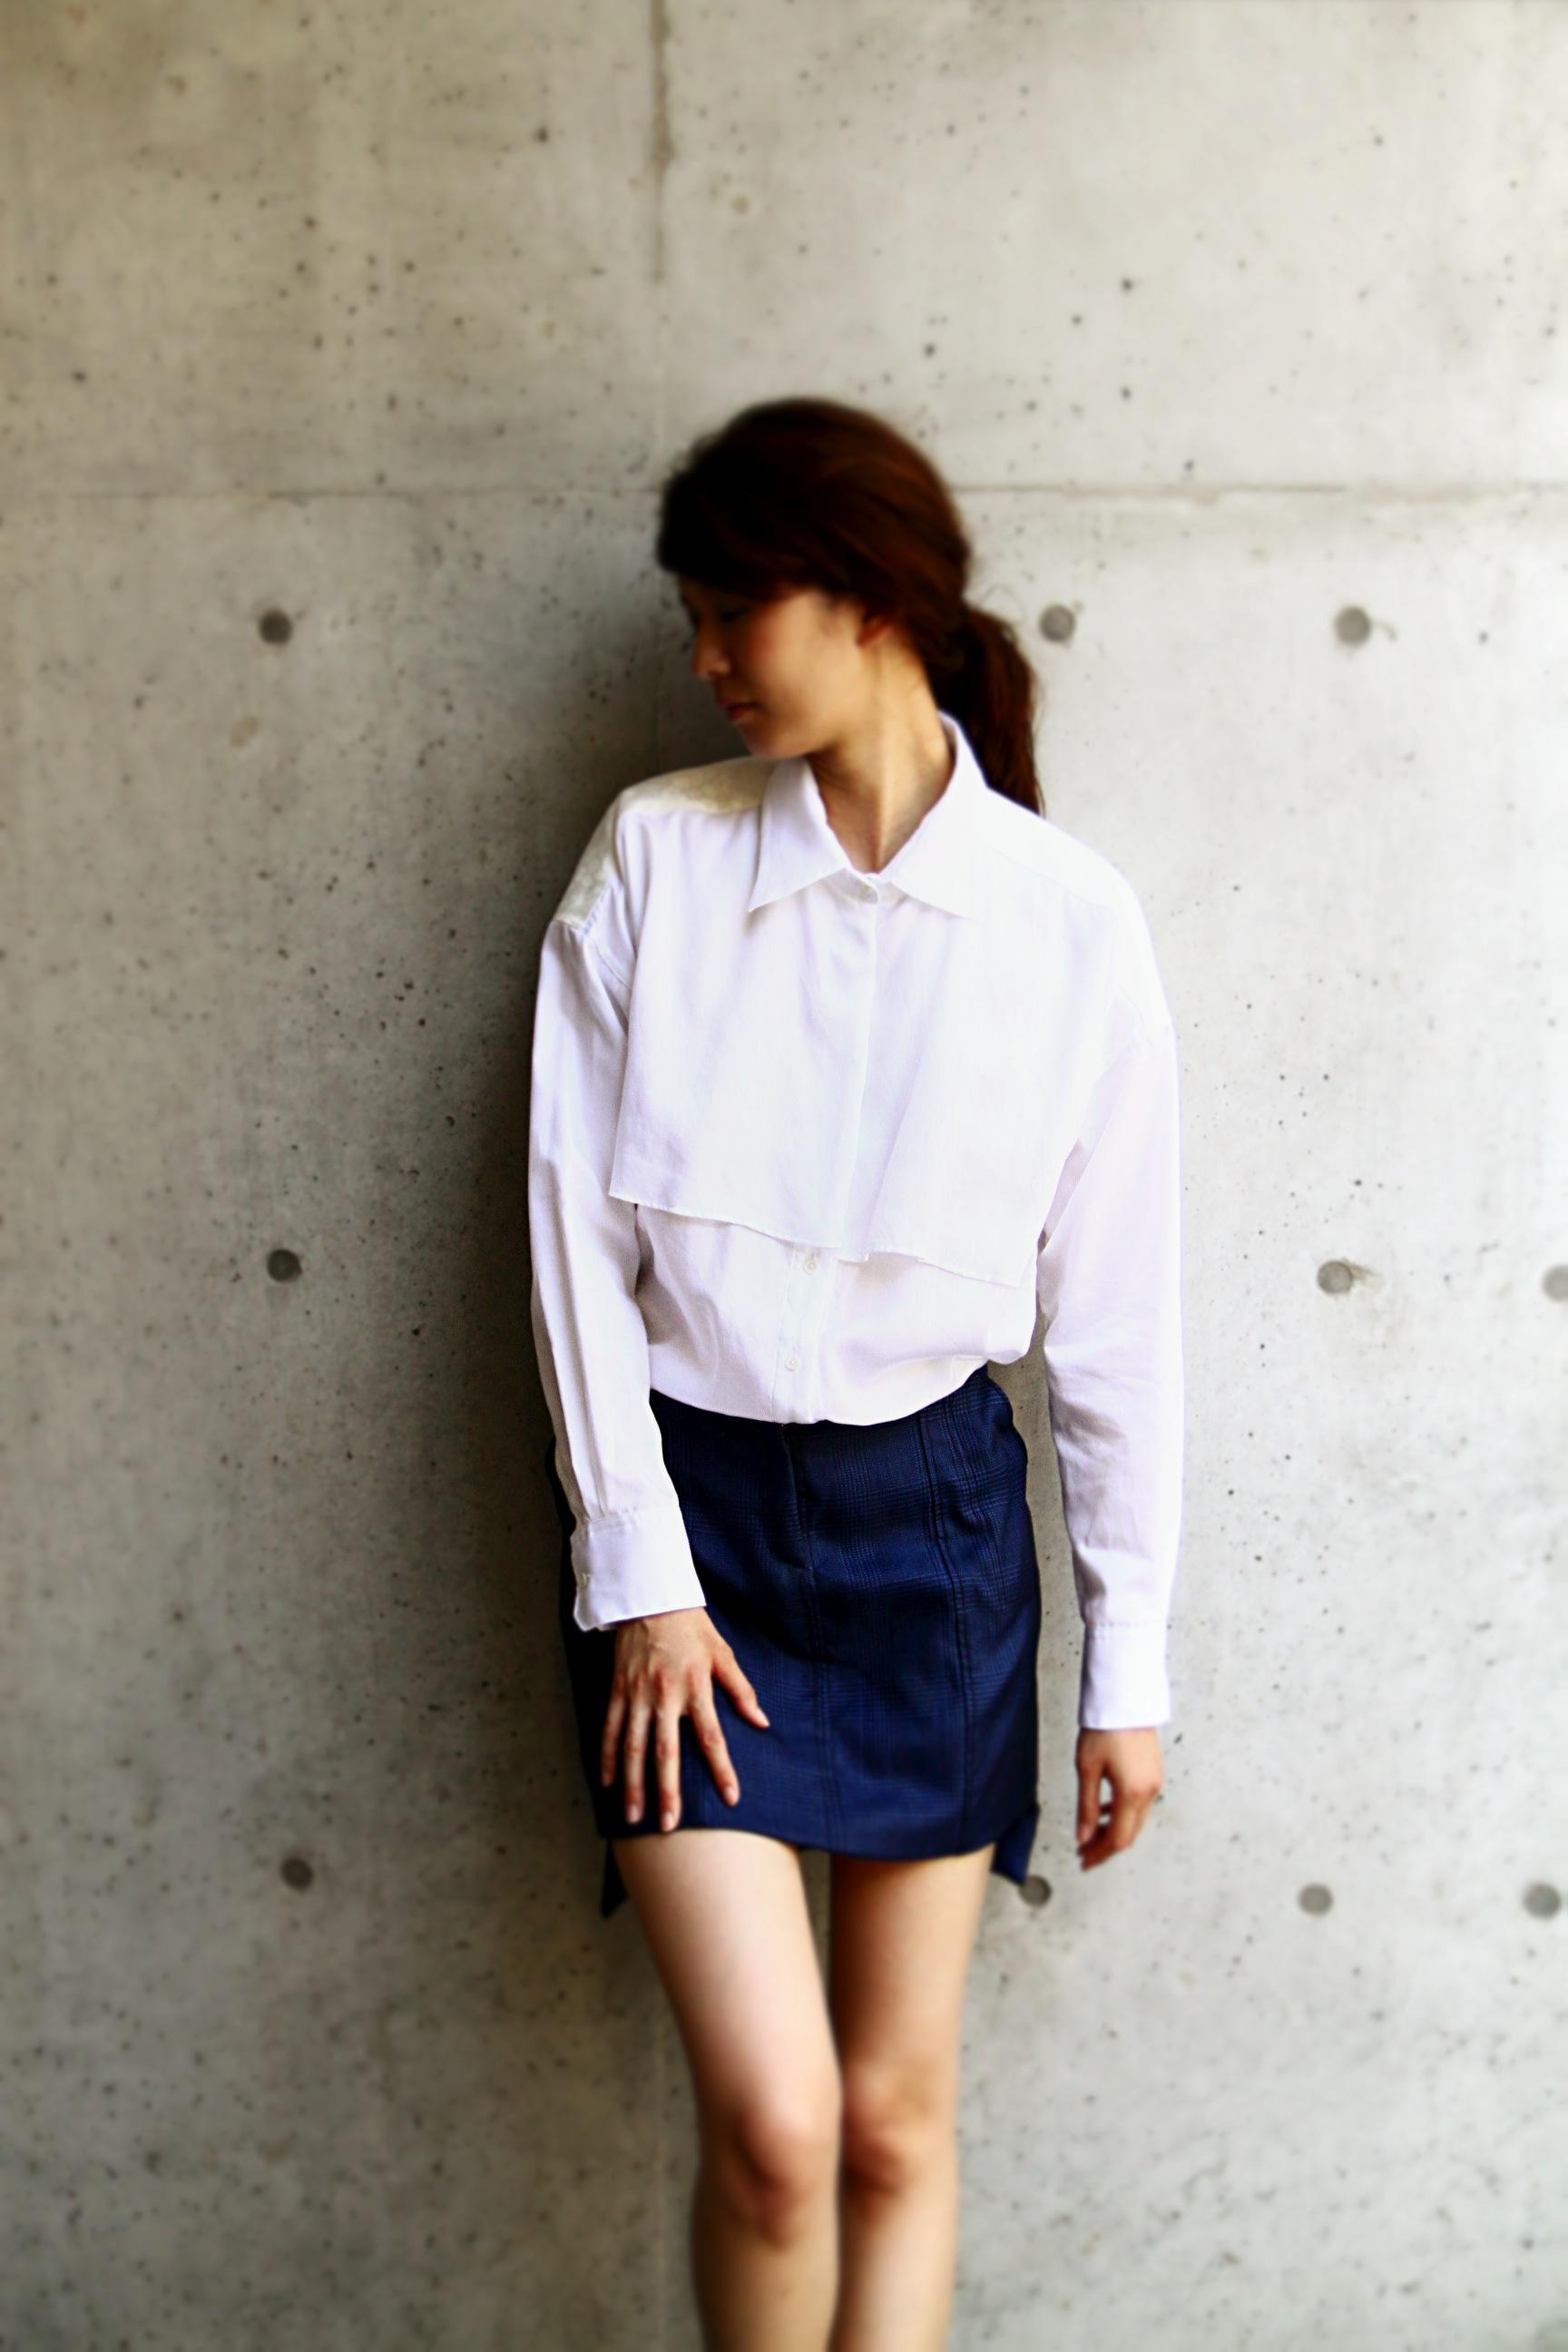 24_Fotor のコピー